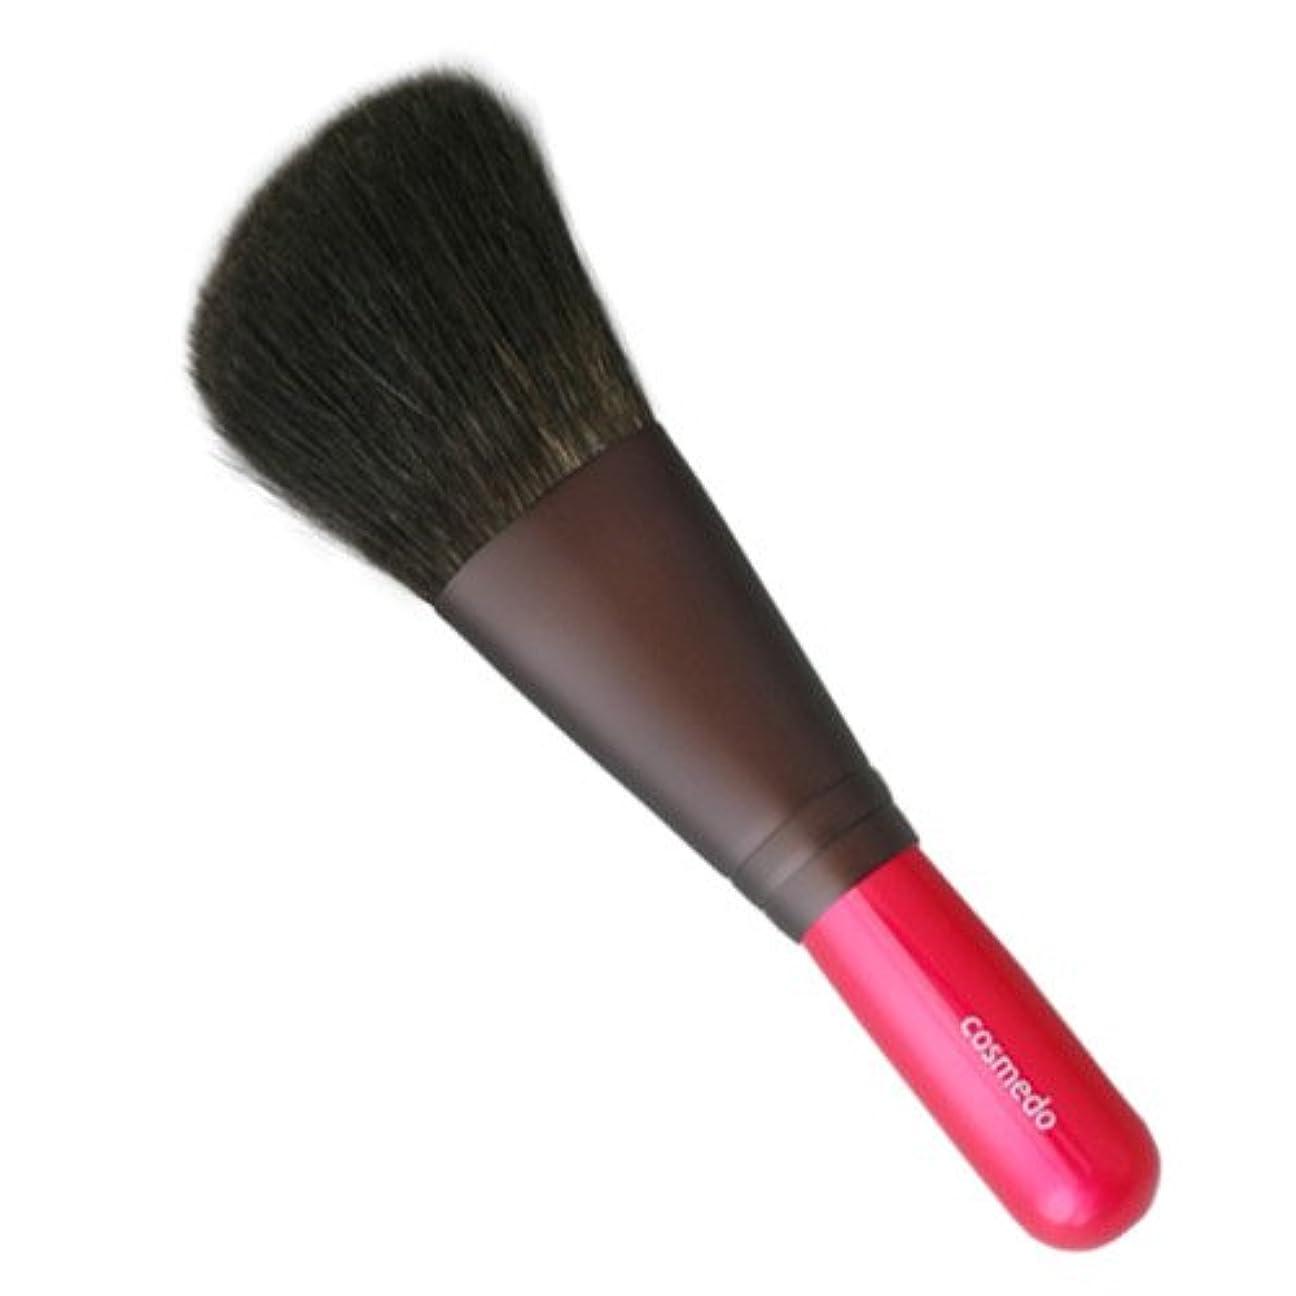 等作動する重大匠の化粧筆コスメ堂 熊野筆 メイクブラシ 灰リス100% ナナメ フェイスブラシ(パウダーブラシ)日本製 ショートタイプ PK-F01